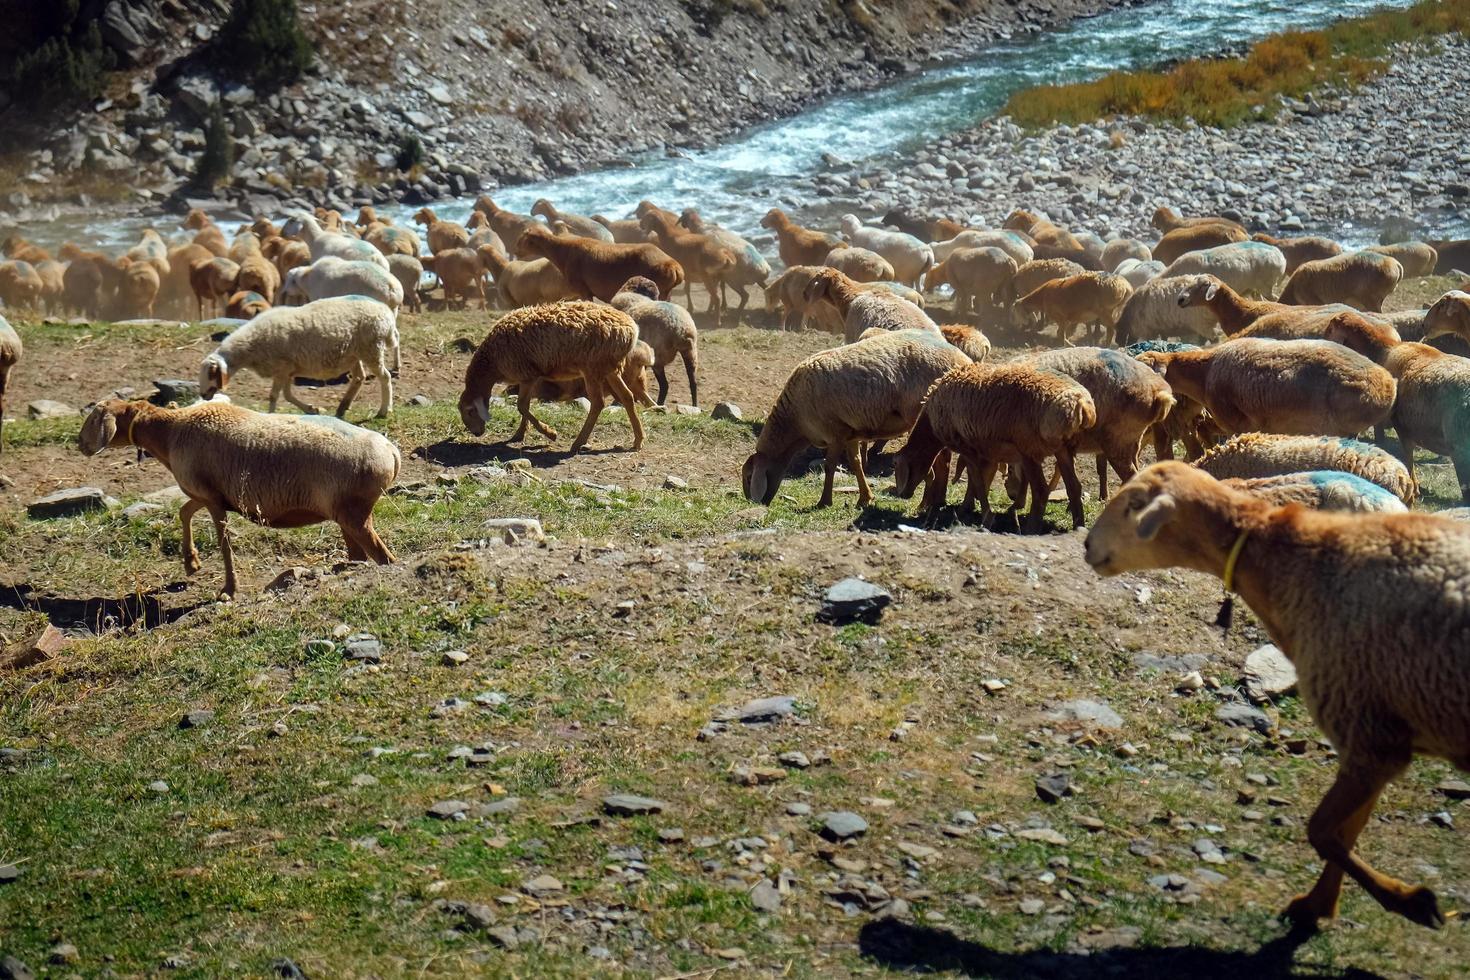 kudde lokale schapen grazen in de buurt van de rivier foto